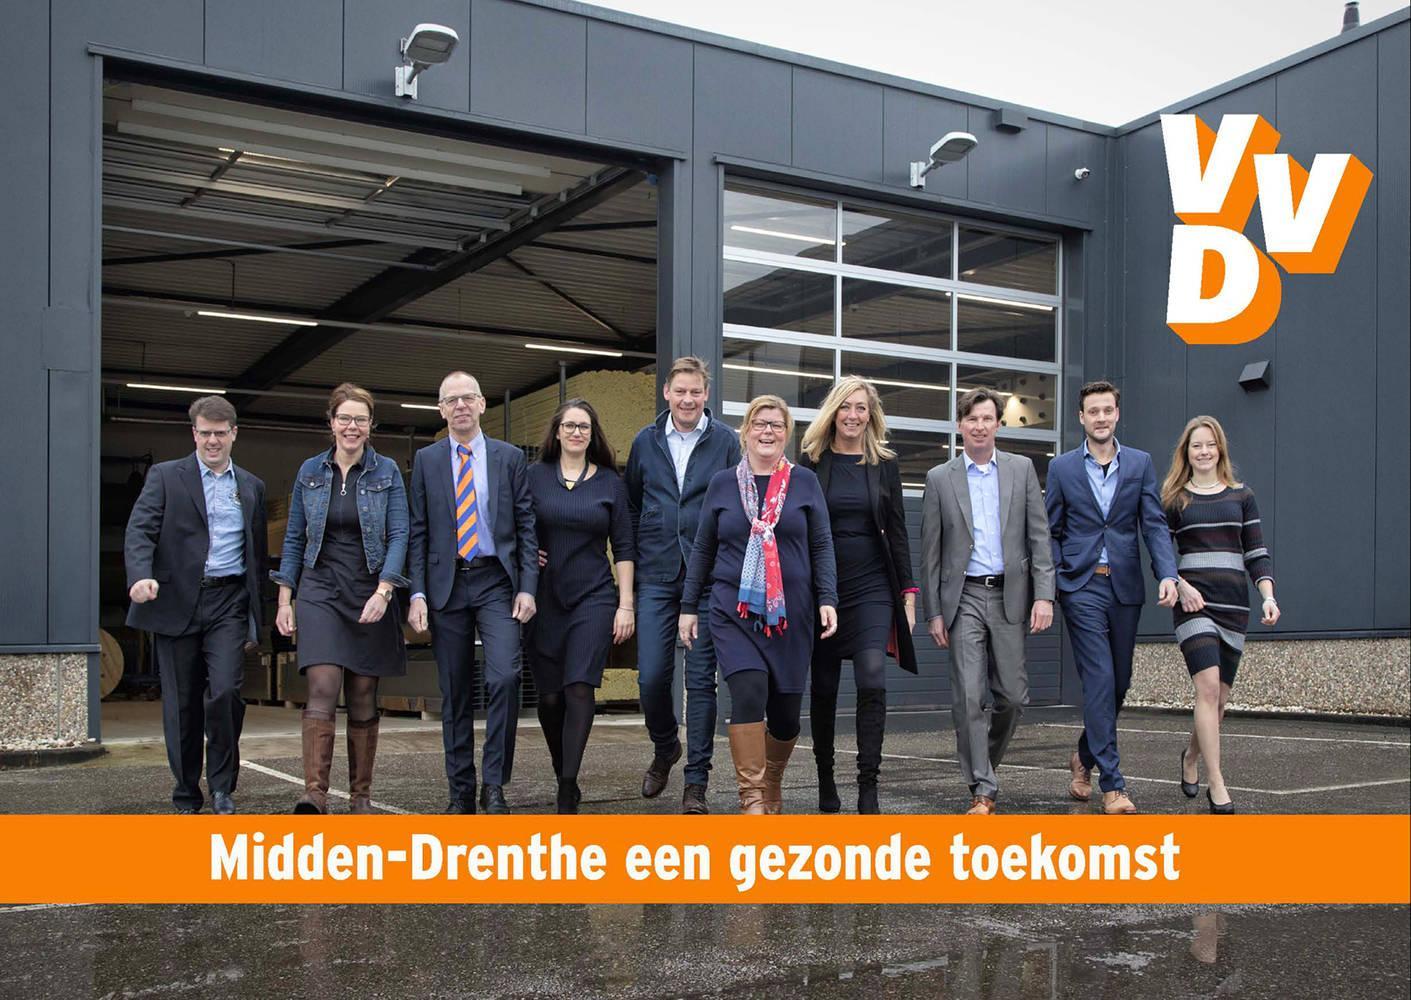 In opdracht van VVD Midden Drenthe